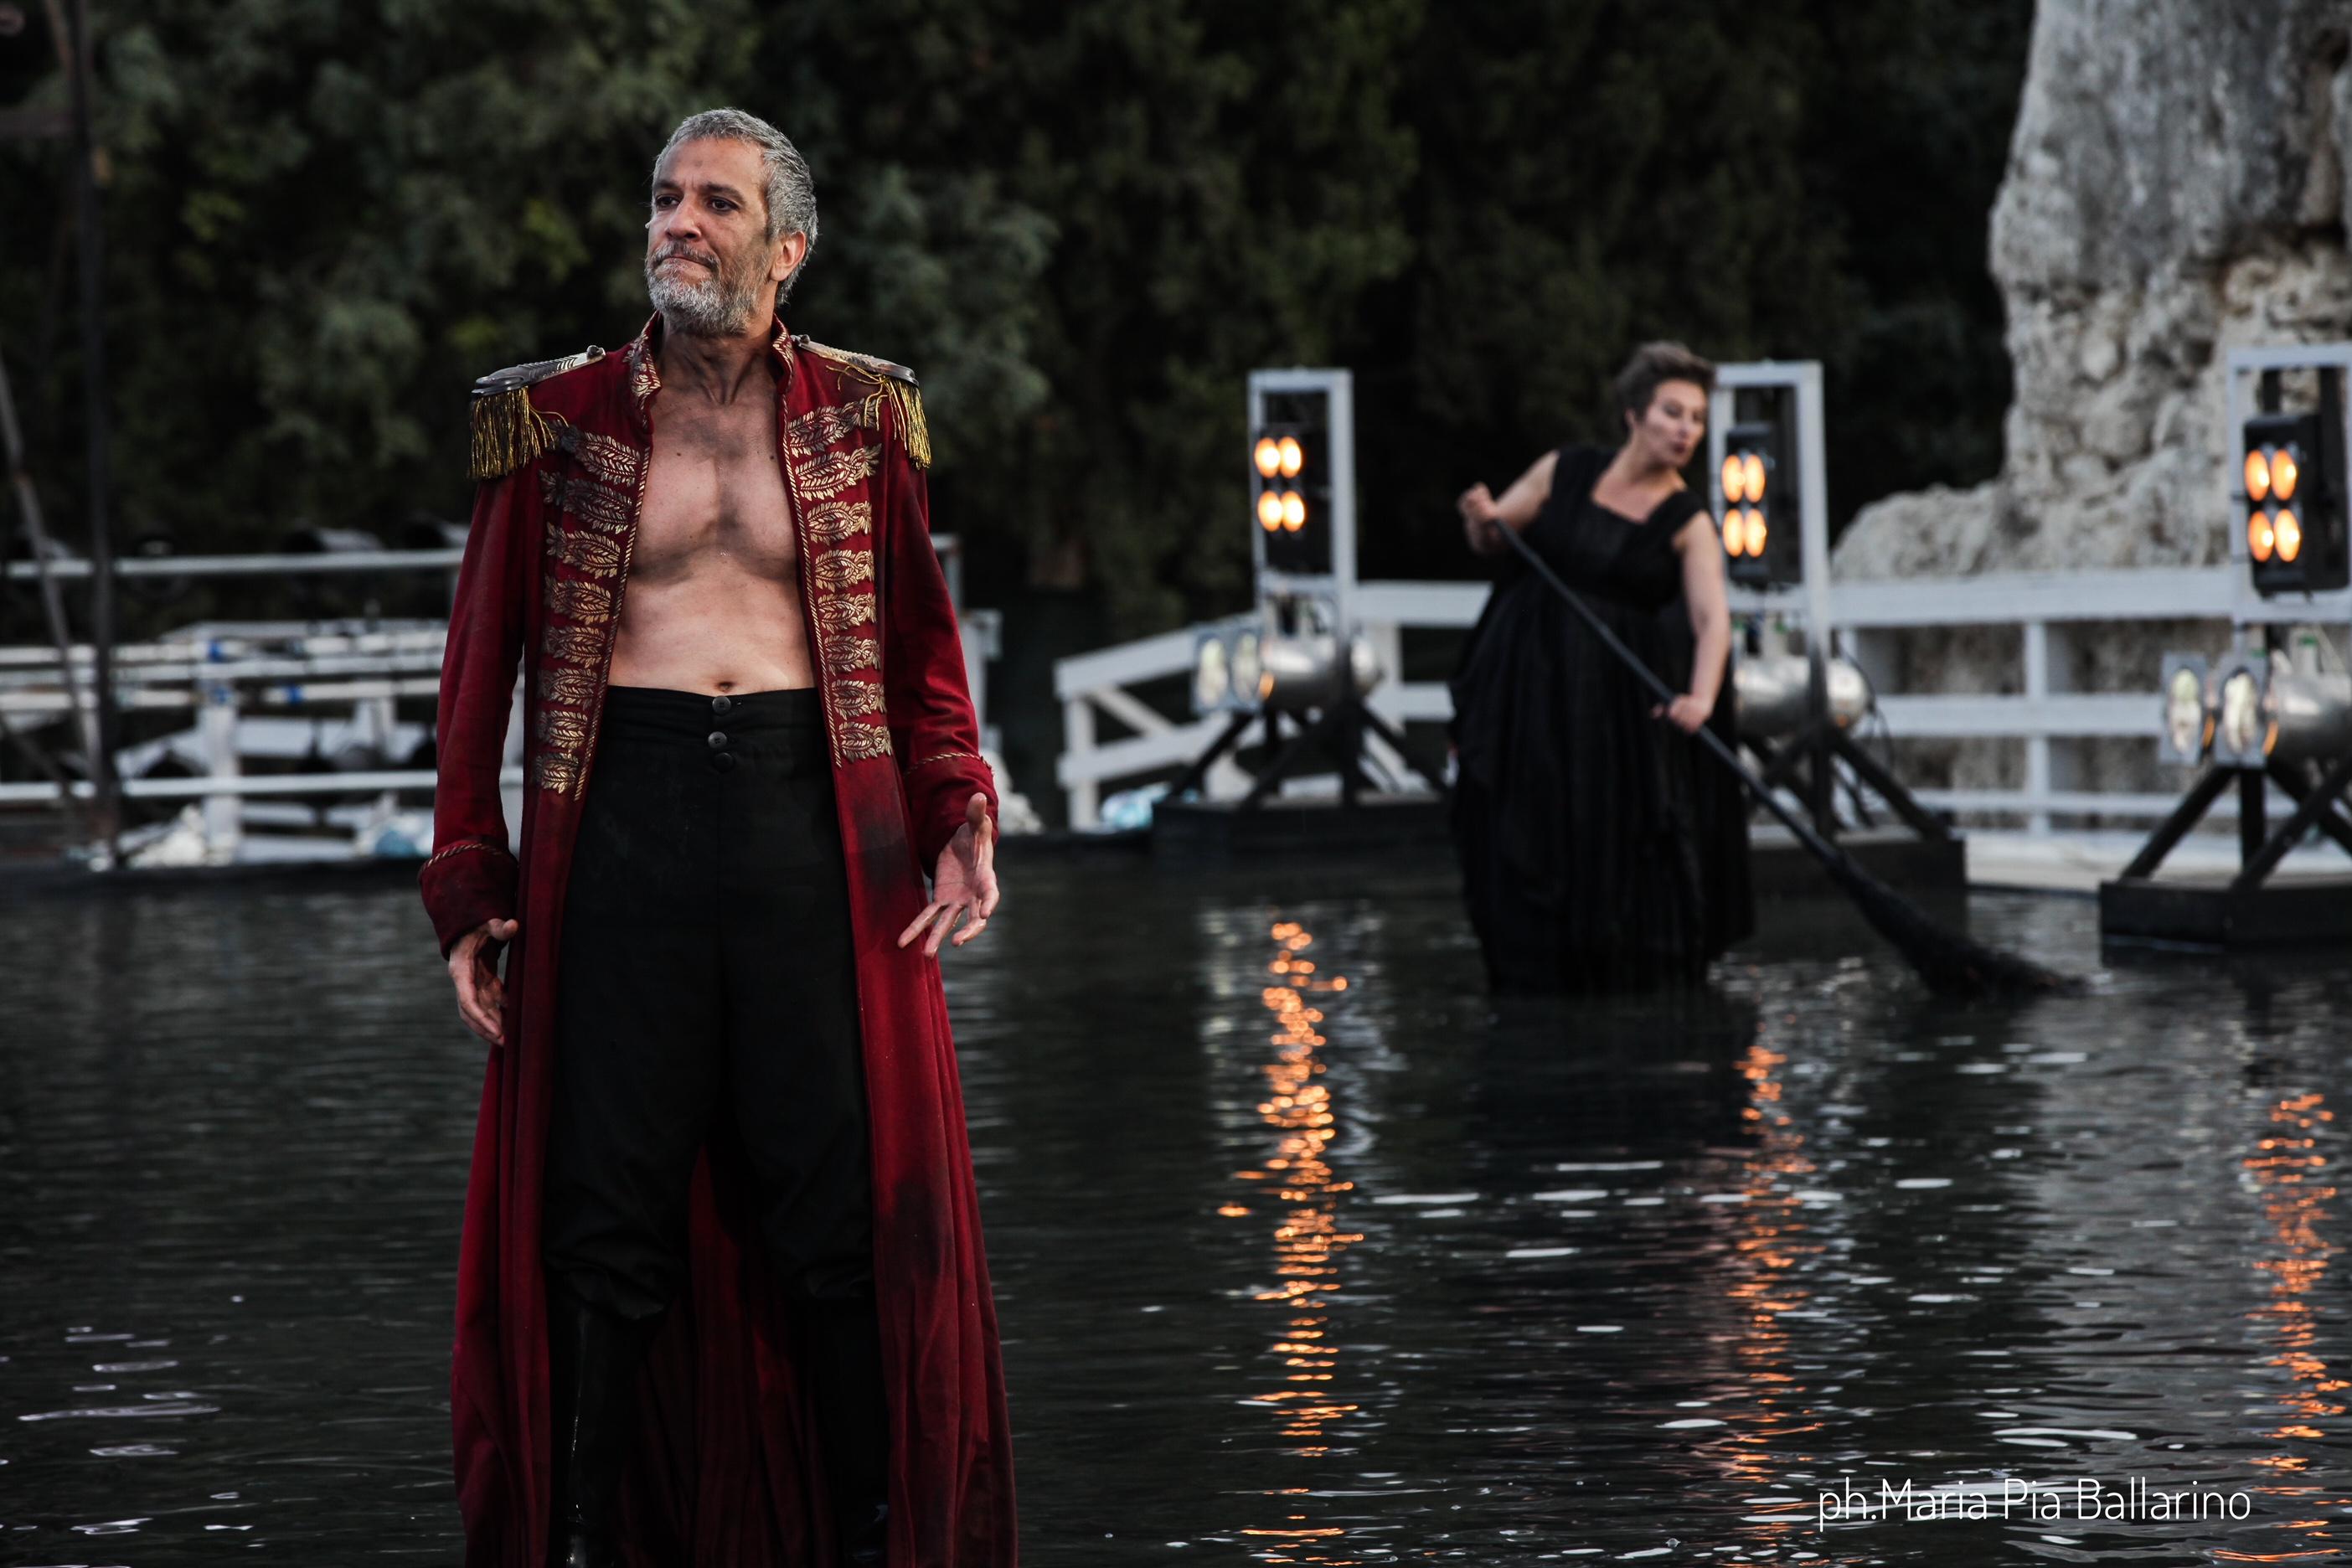 Sax Nicosia (Menelao) e Mariagrazia Solano (Una vecchia) - ph. Maria Pia Ballarino